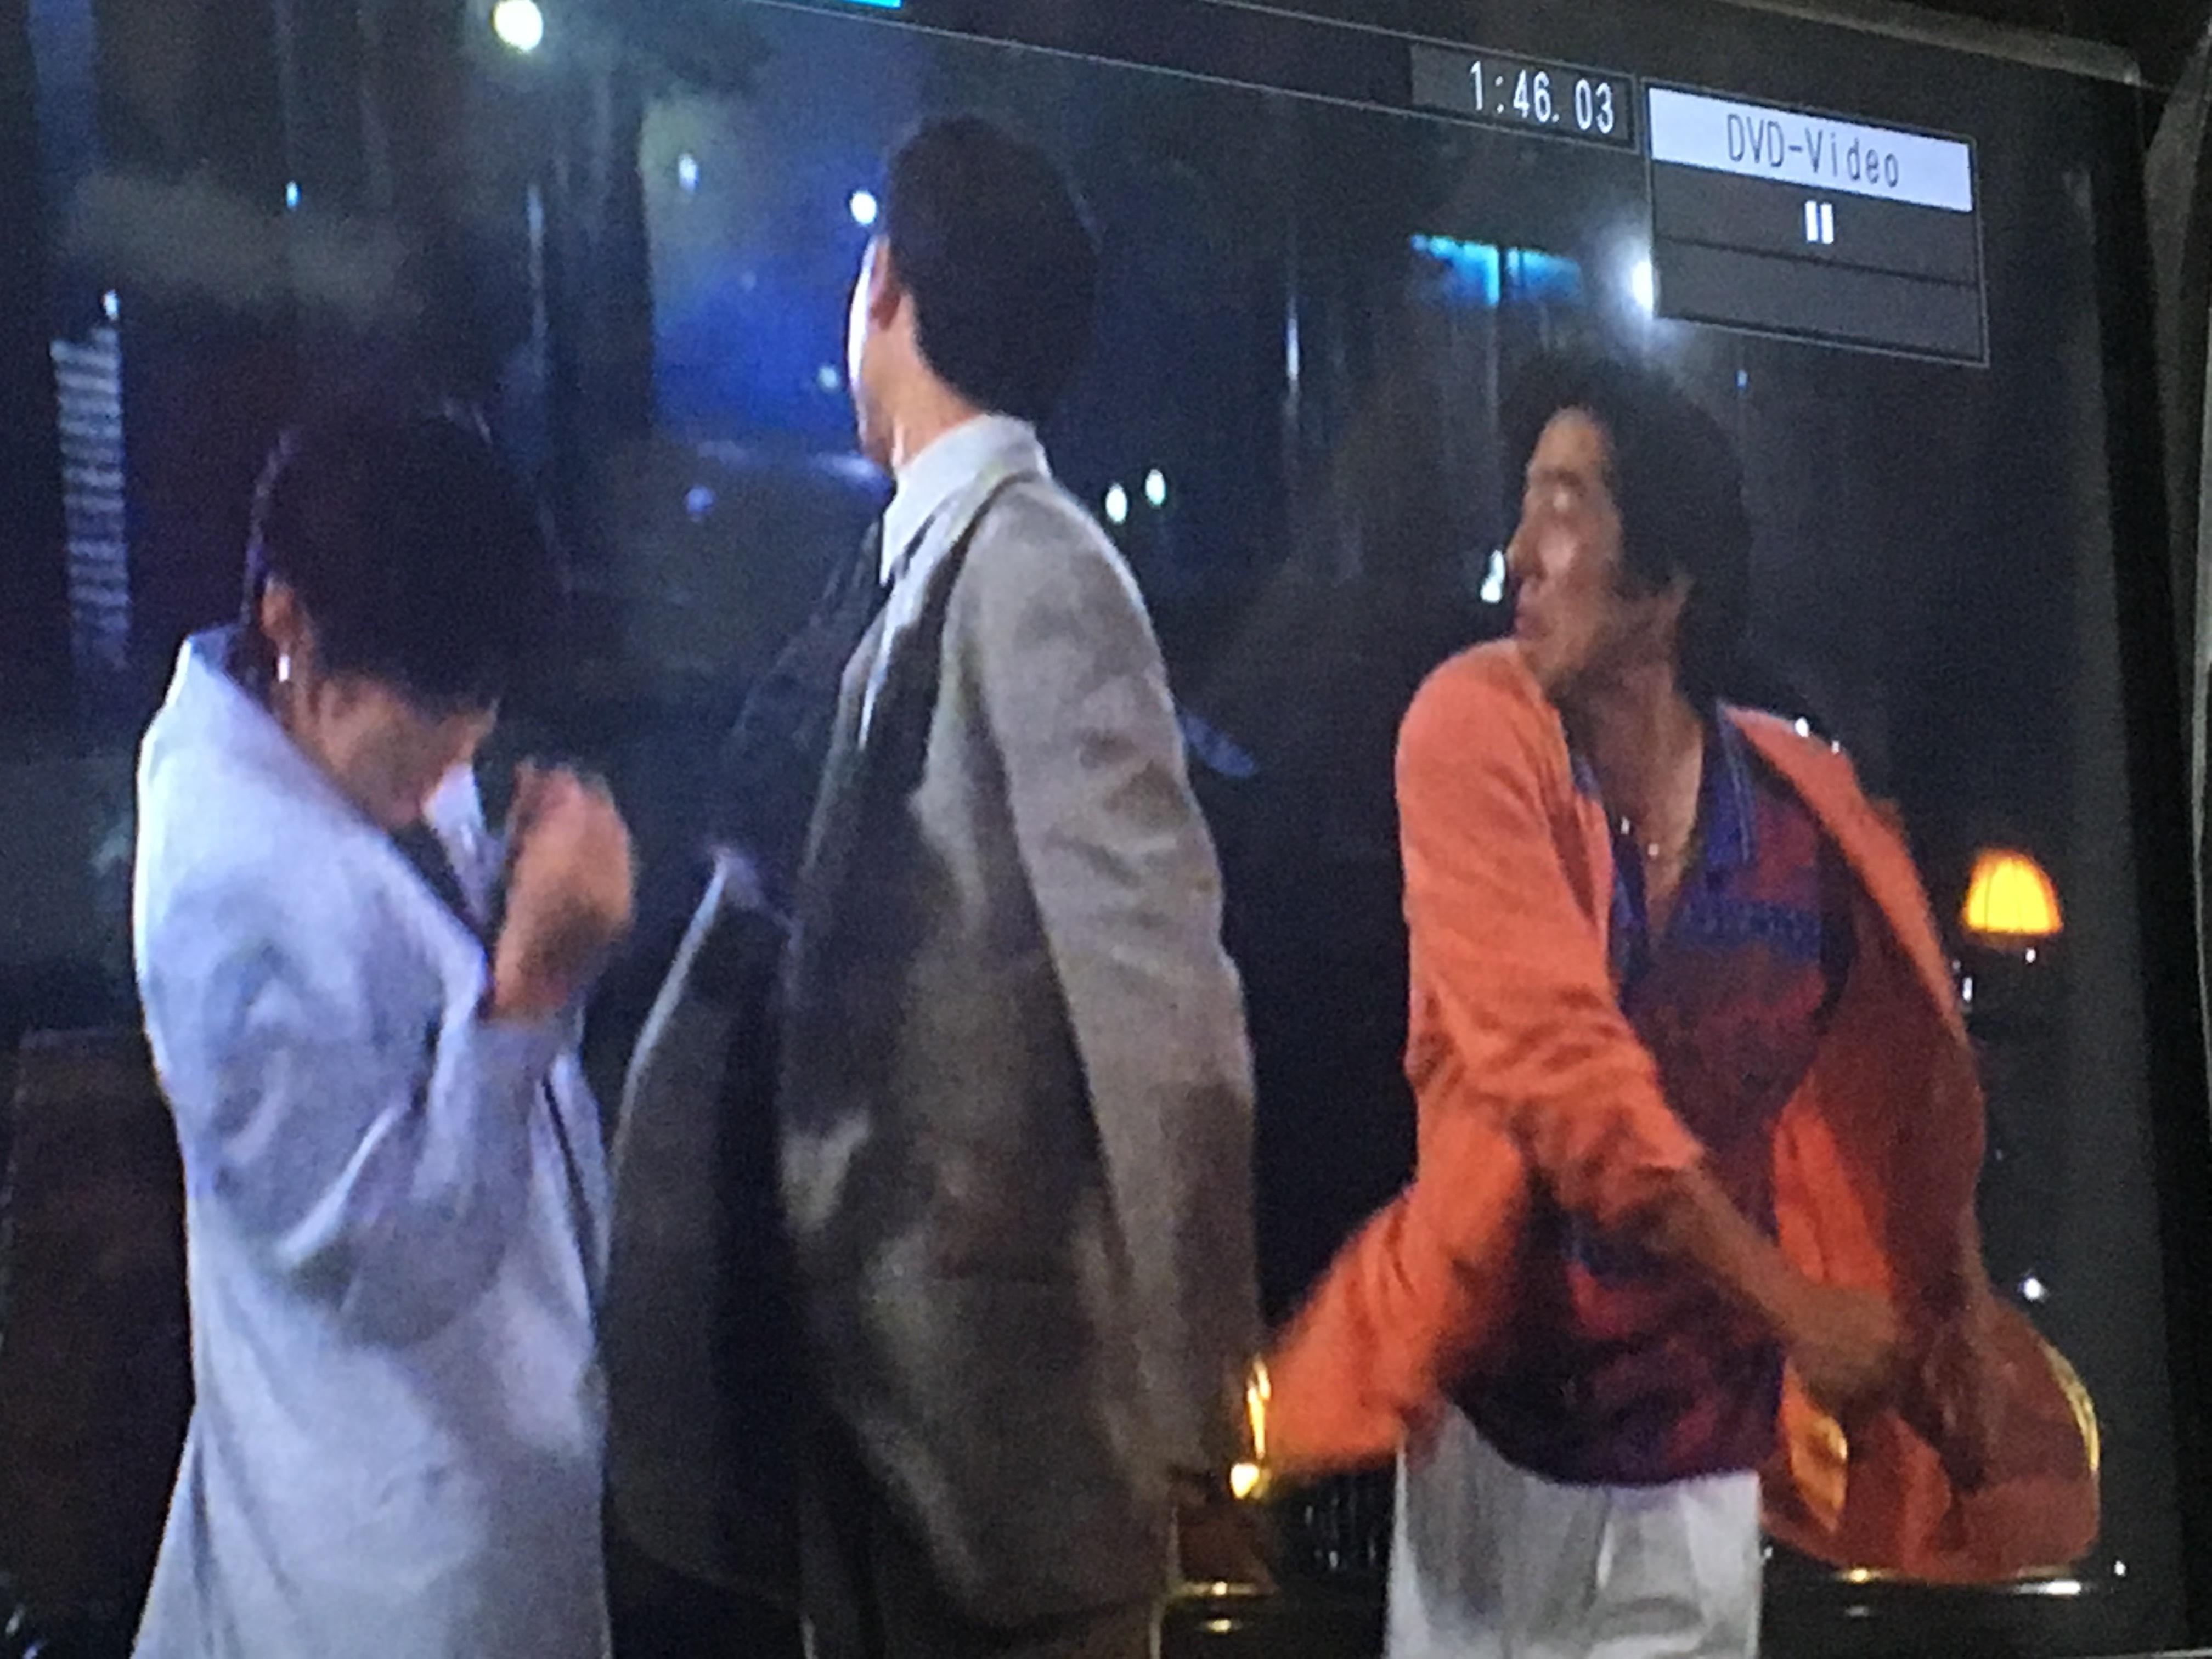 良い雰囲気でこれからホテルに行く展開に、婚約者の鶴見辰吾が突然現れて、野球選手を無能の見世物呼ばわりで、真田広之が切れてぶん殴る、強引な展開。